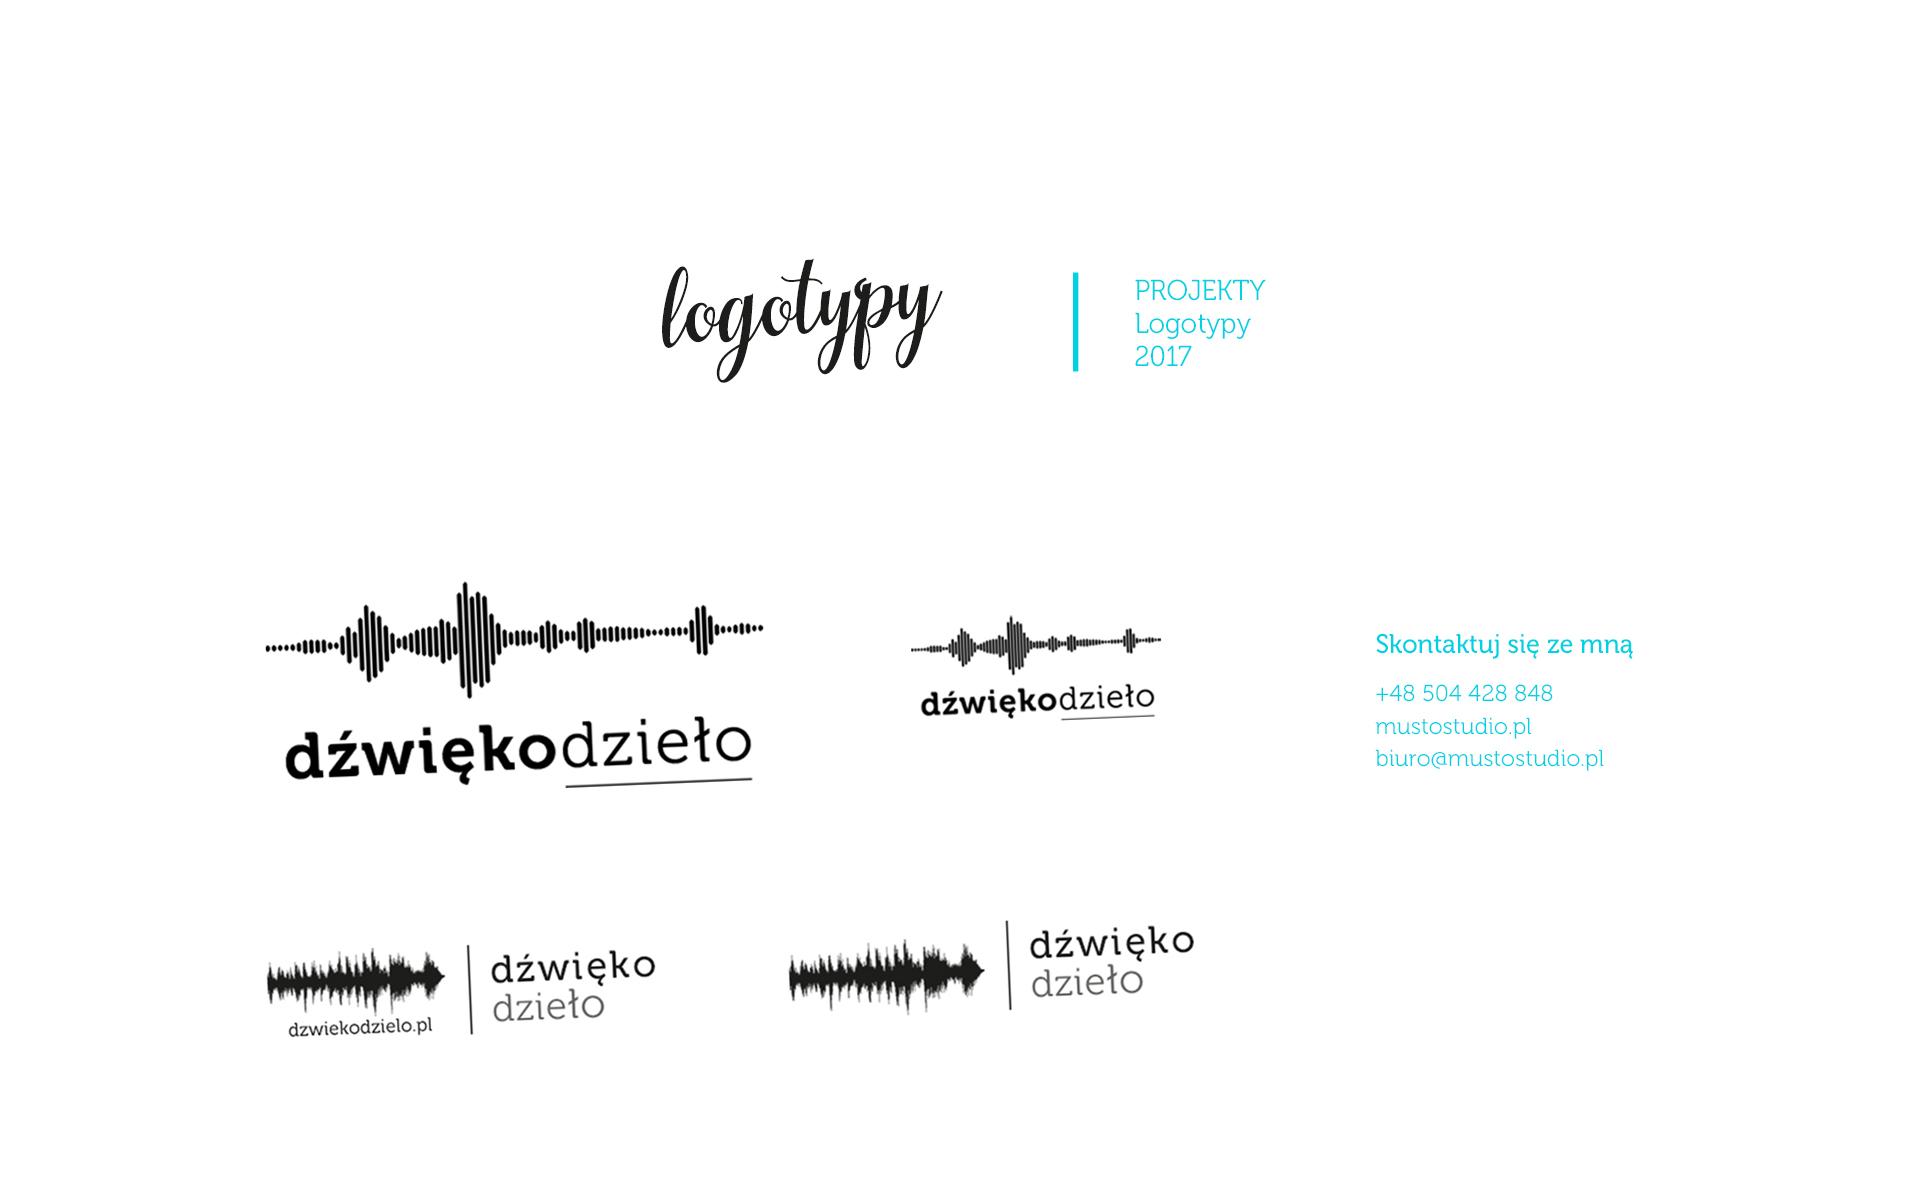 Identyfikacja-wizualna-3_wizytowki-i-logo_LOGOTYPU_duze_ania-szul-4